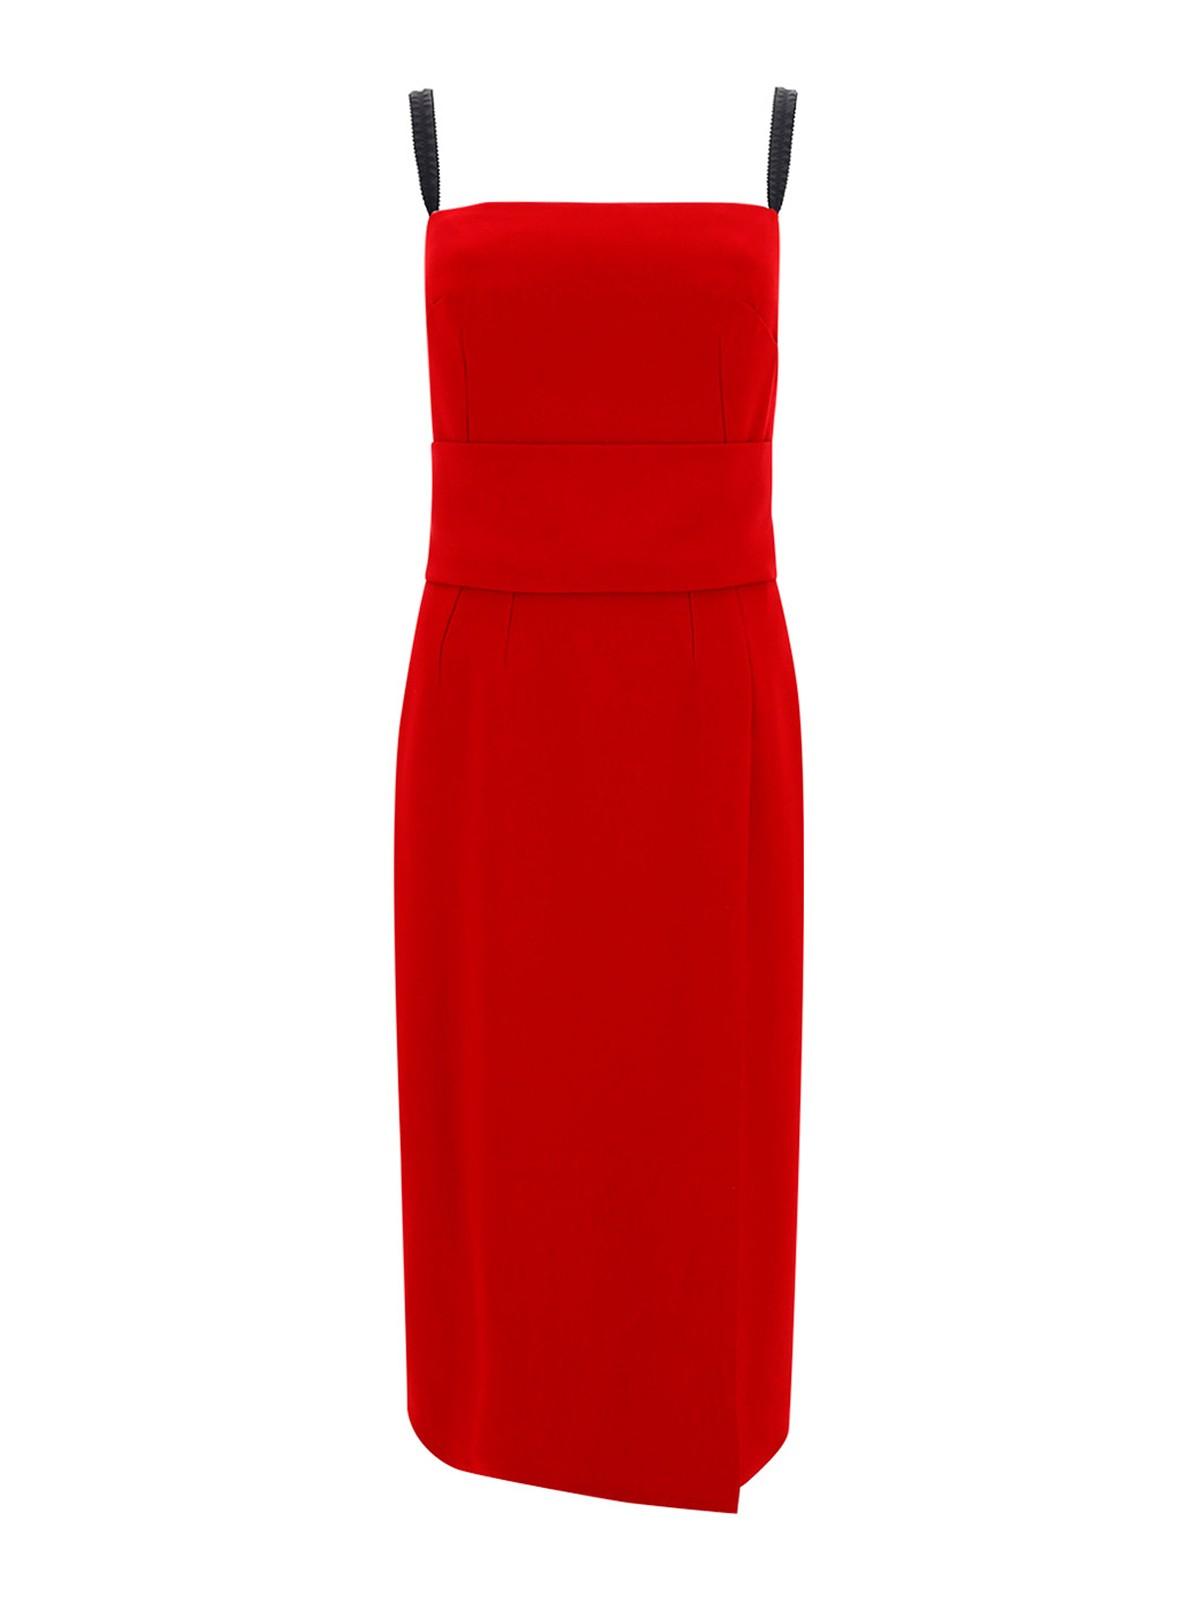 Dolce & Gabbana Dresses BUSTIER DRESS